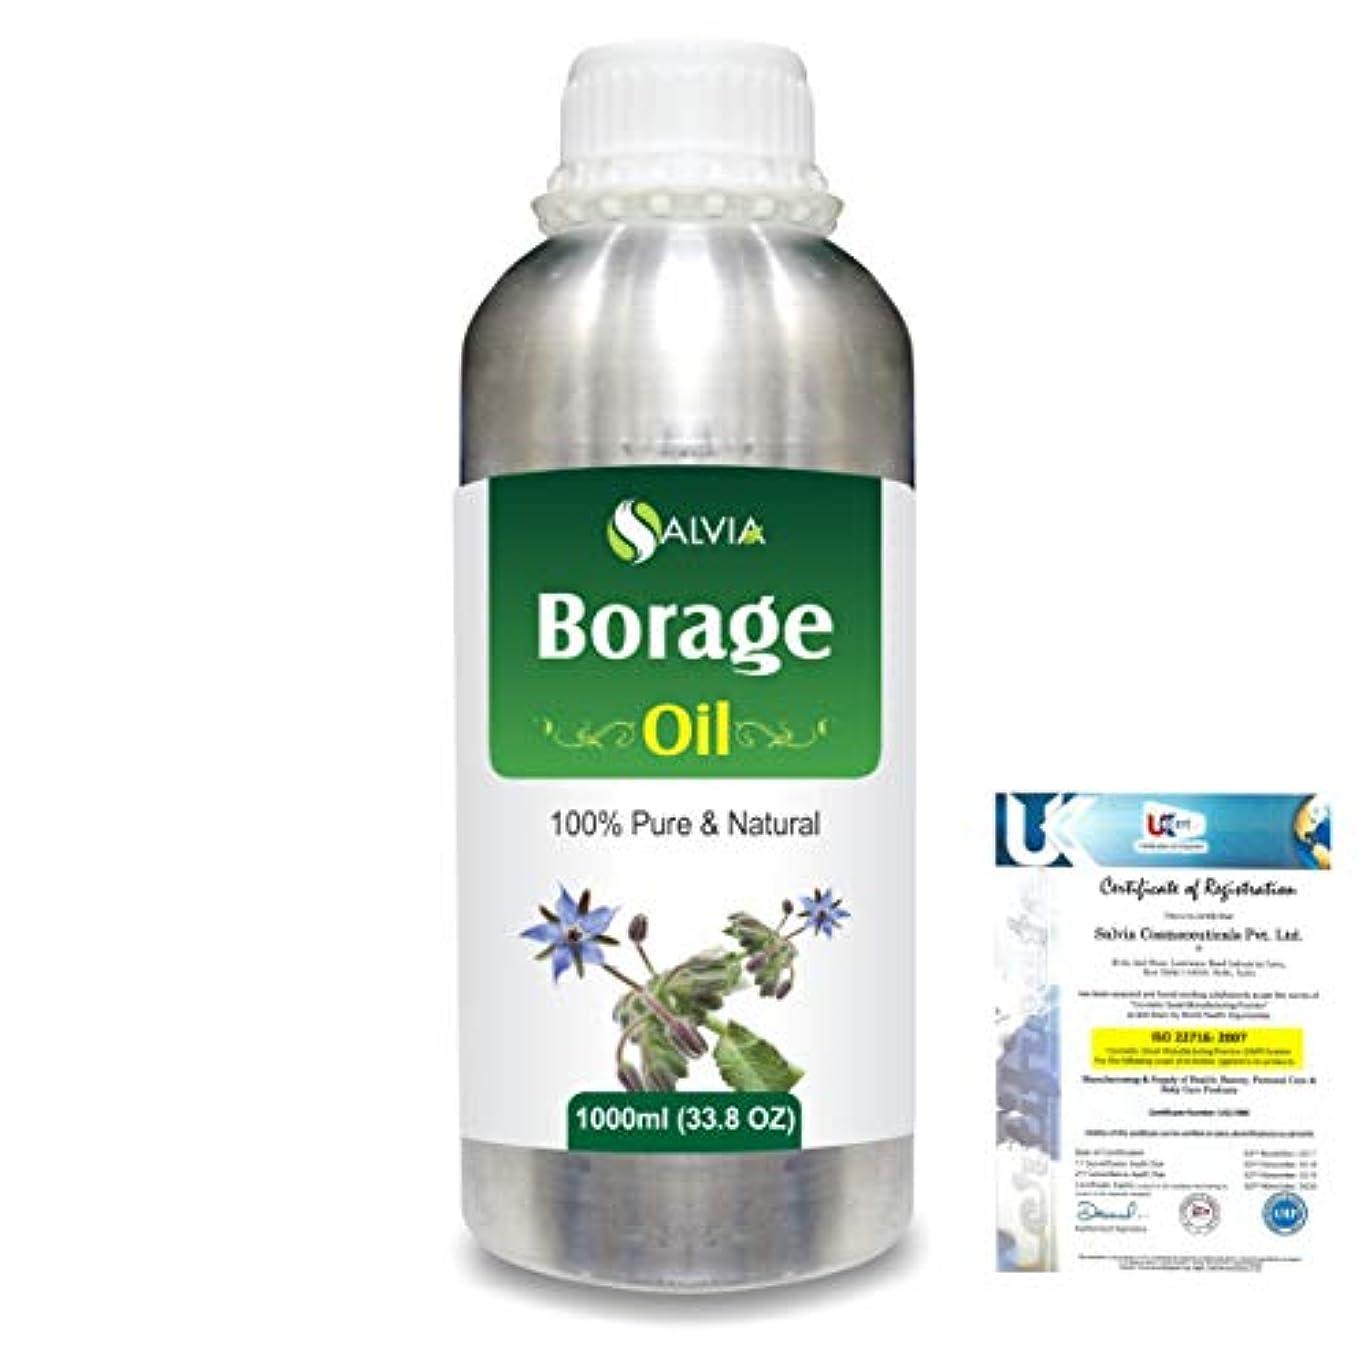 にやにやますますハドルBorage (Borago officinalis) Natural Pure Undiluted Uncut Carrier Oil 1000ml/33.8 fl.oz.